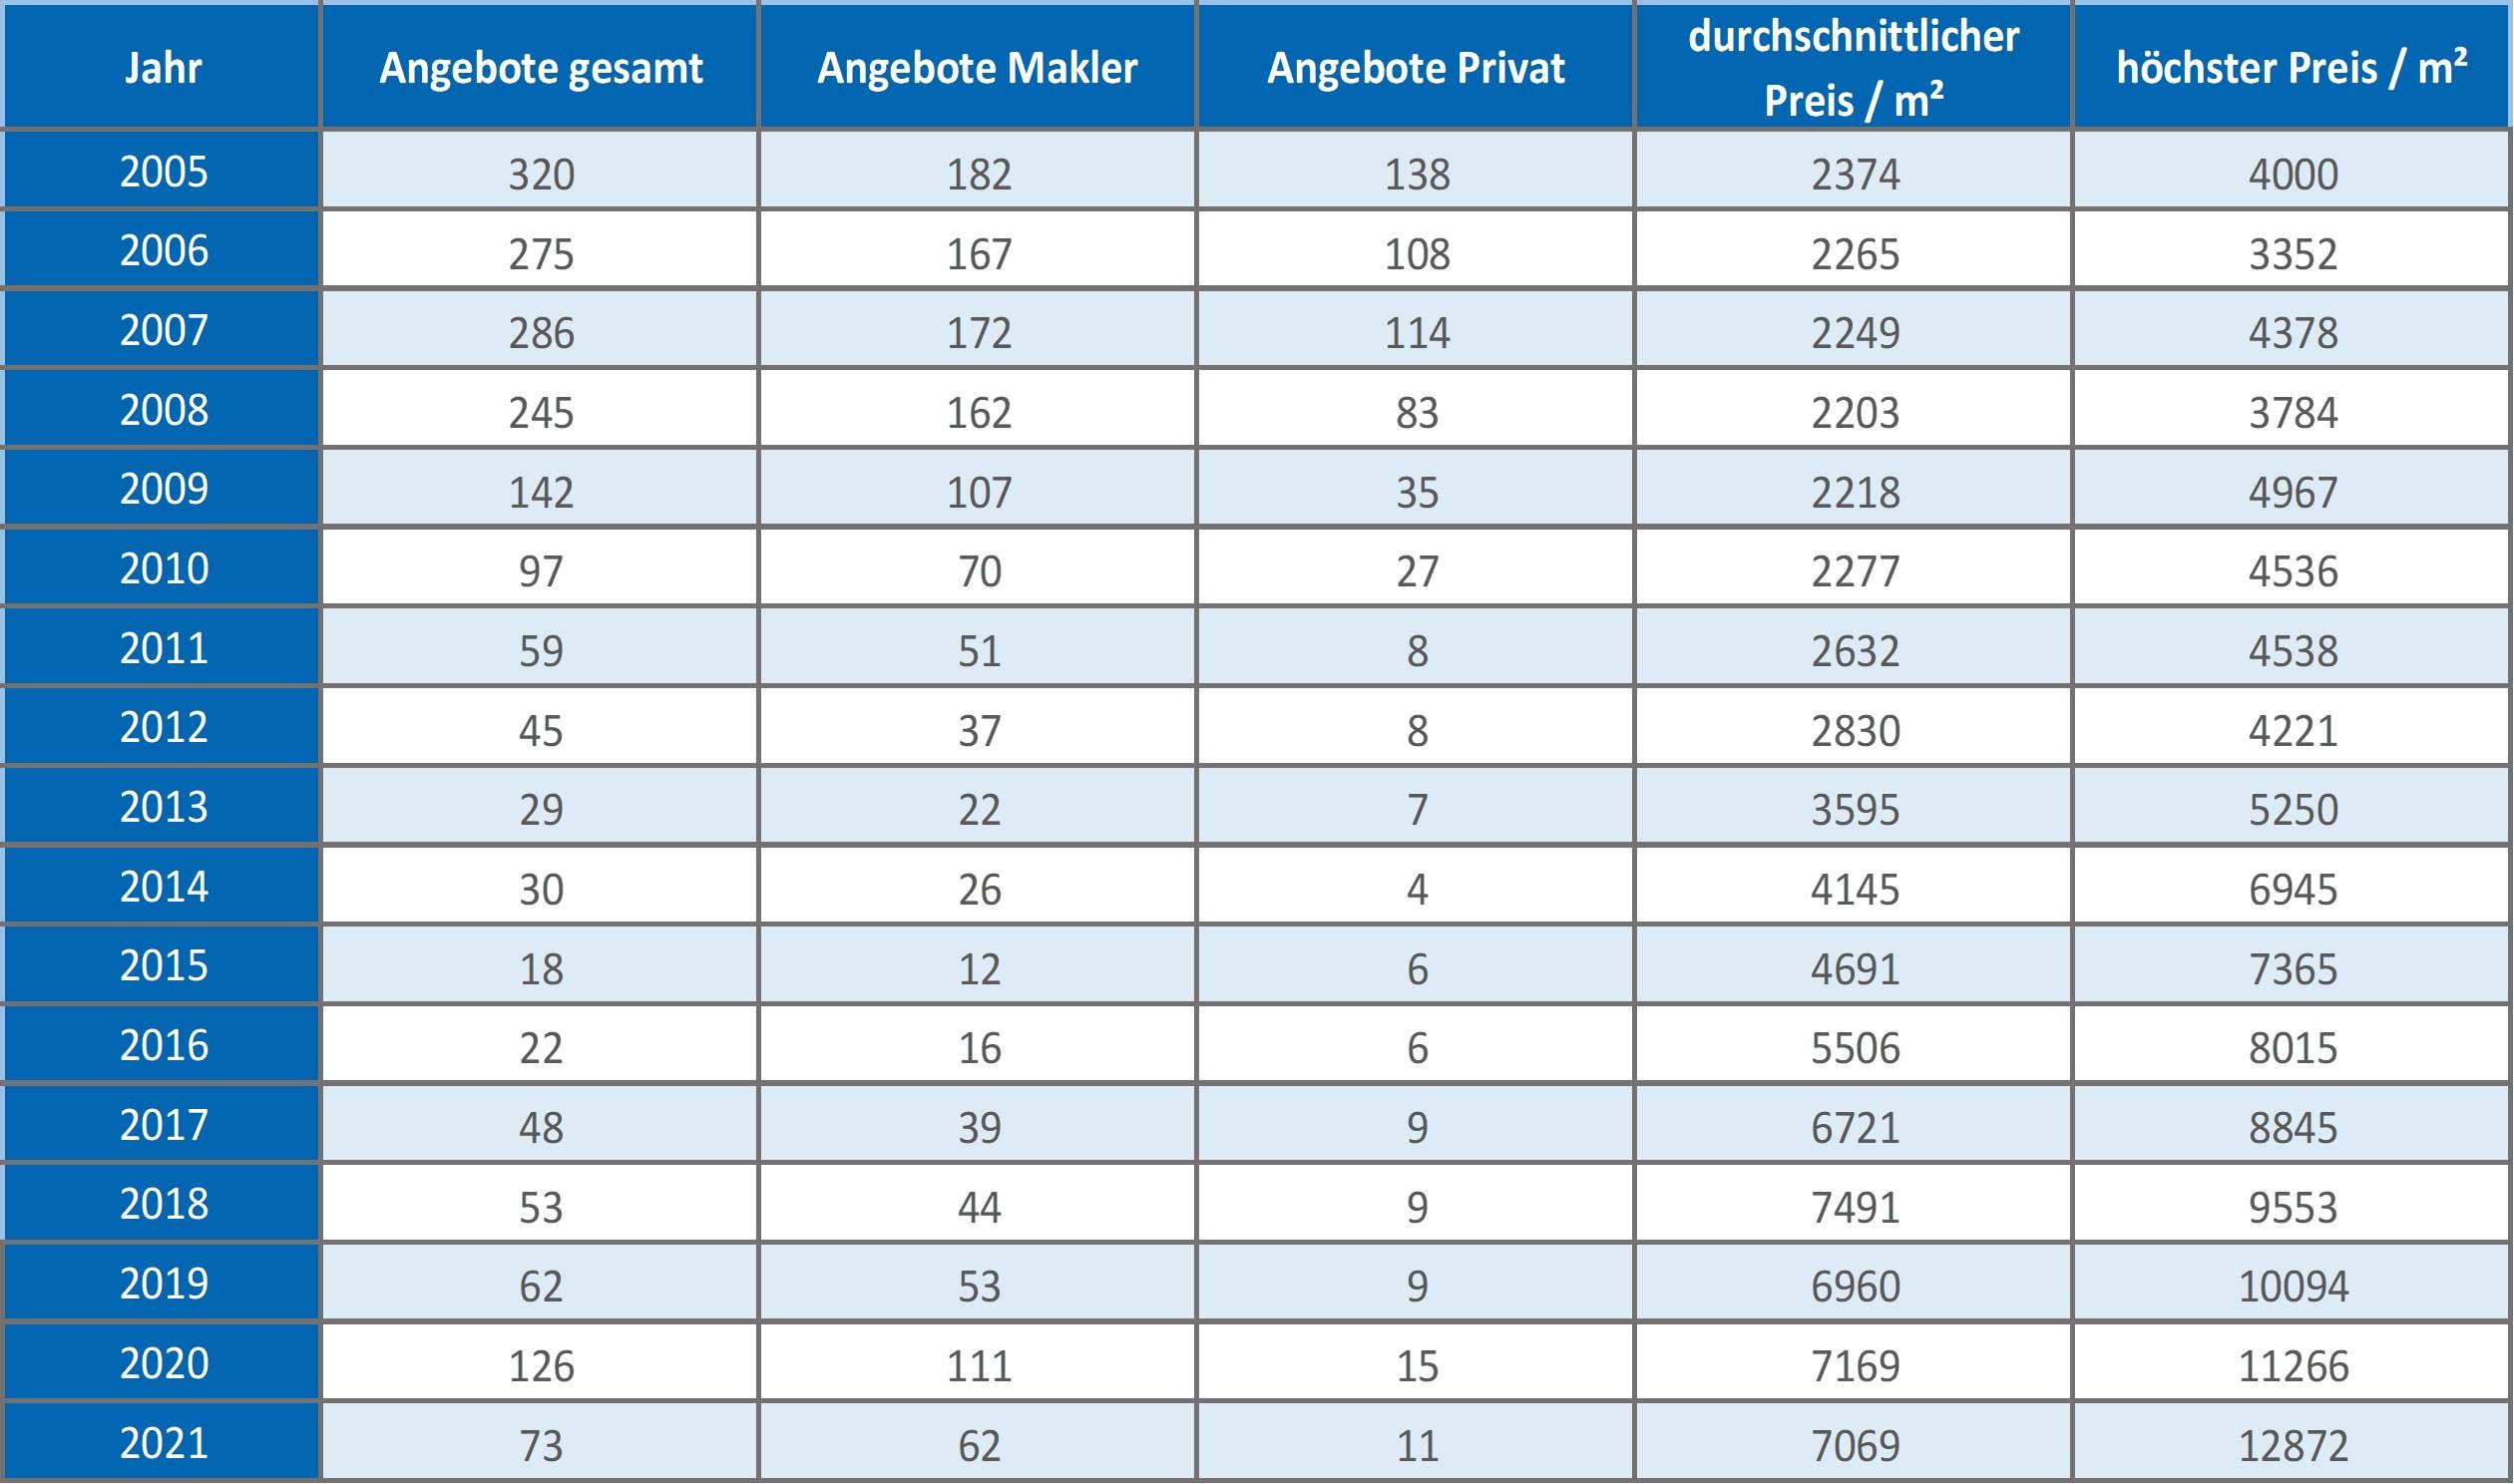 München - Neuperlach Wohnung kaufen verkaufen Preis Bewertung Makler 2019 2020 2021 www.happy-immo.de